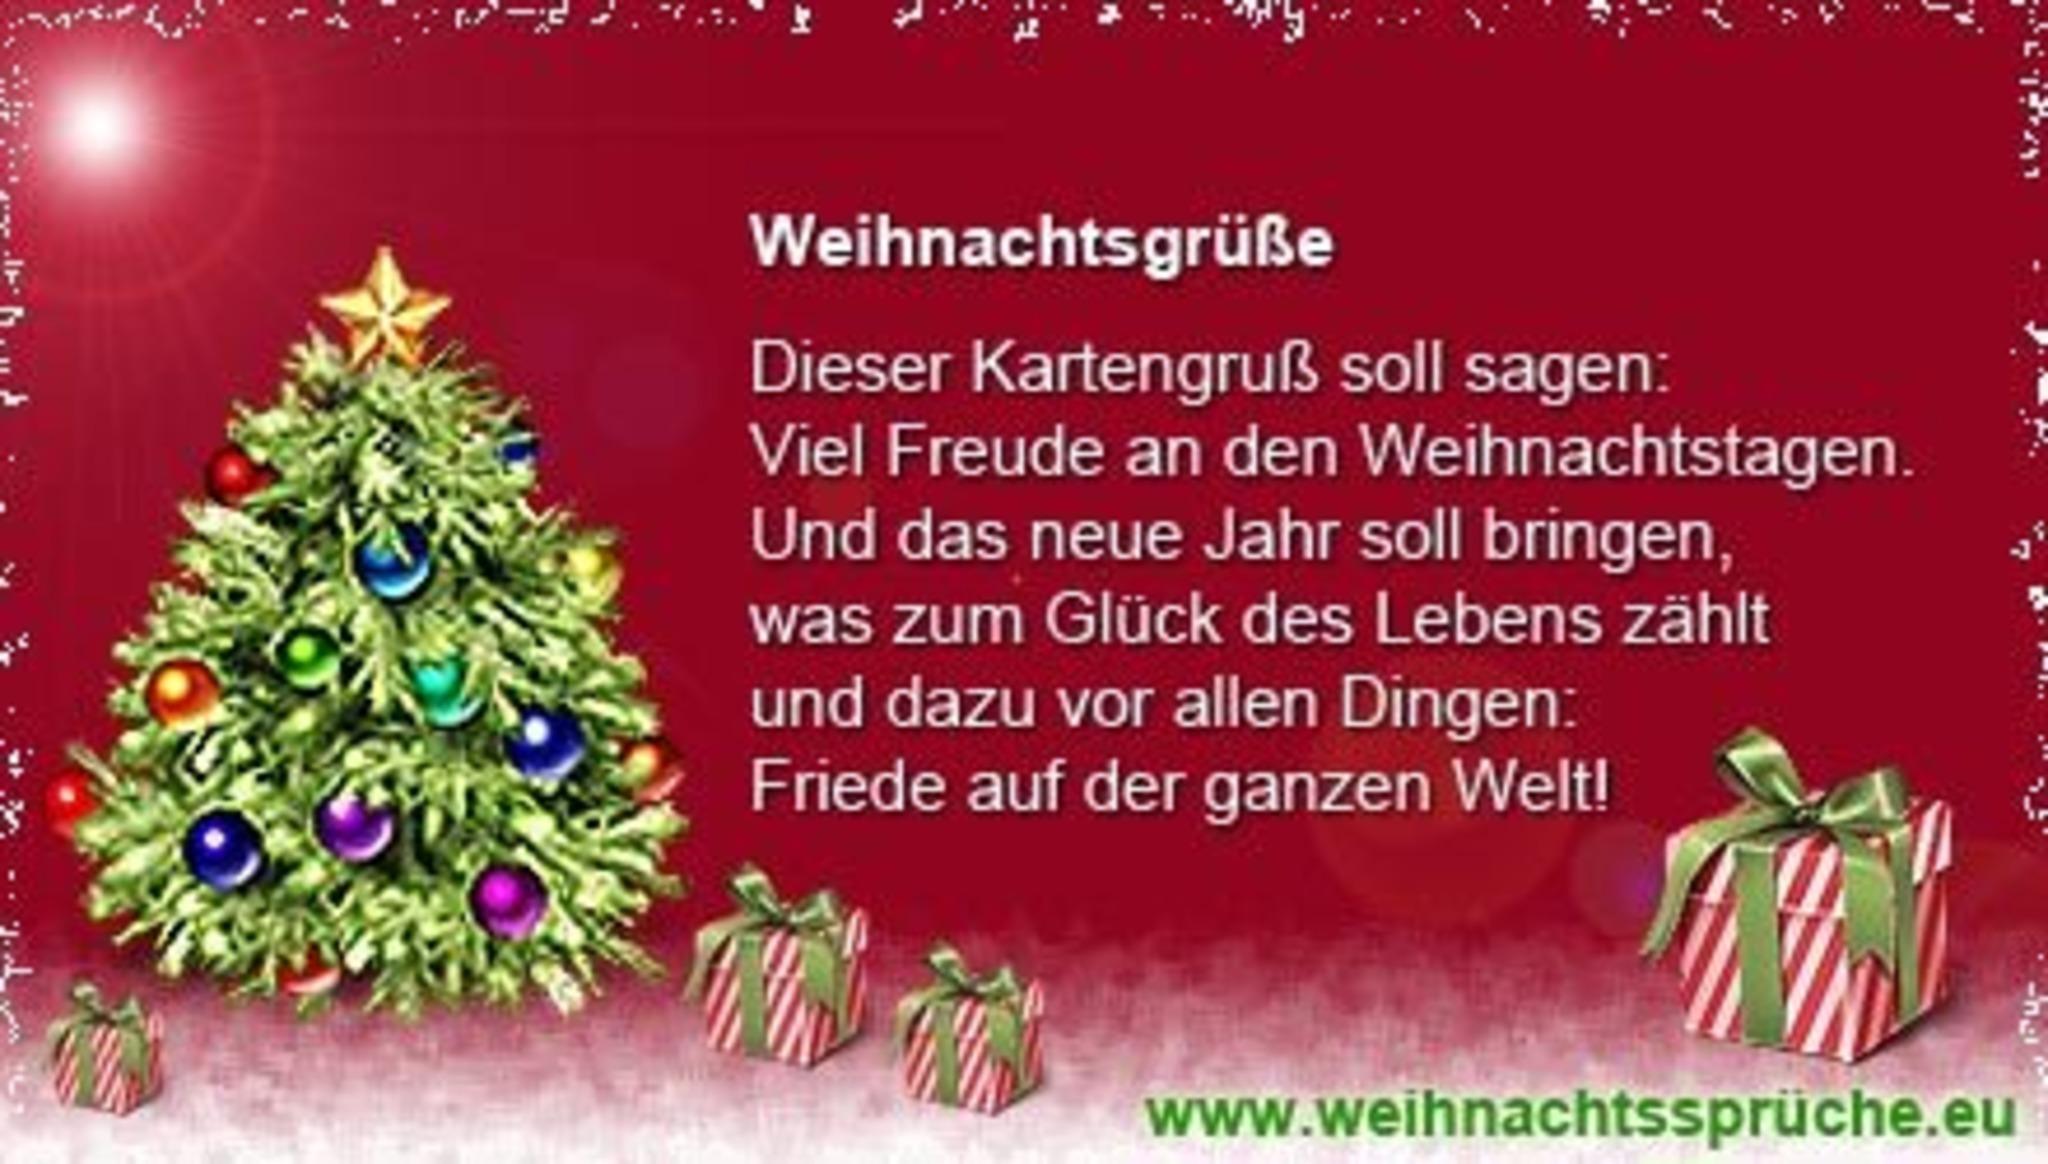 weihnachts und neujahrsw nsche an alle s doststeiermark